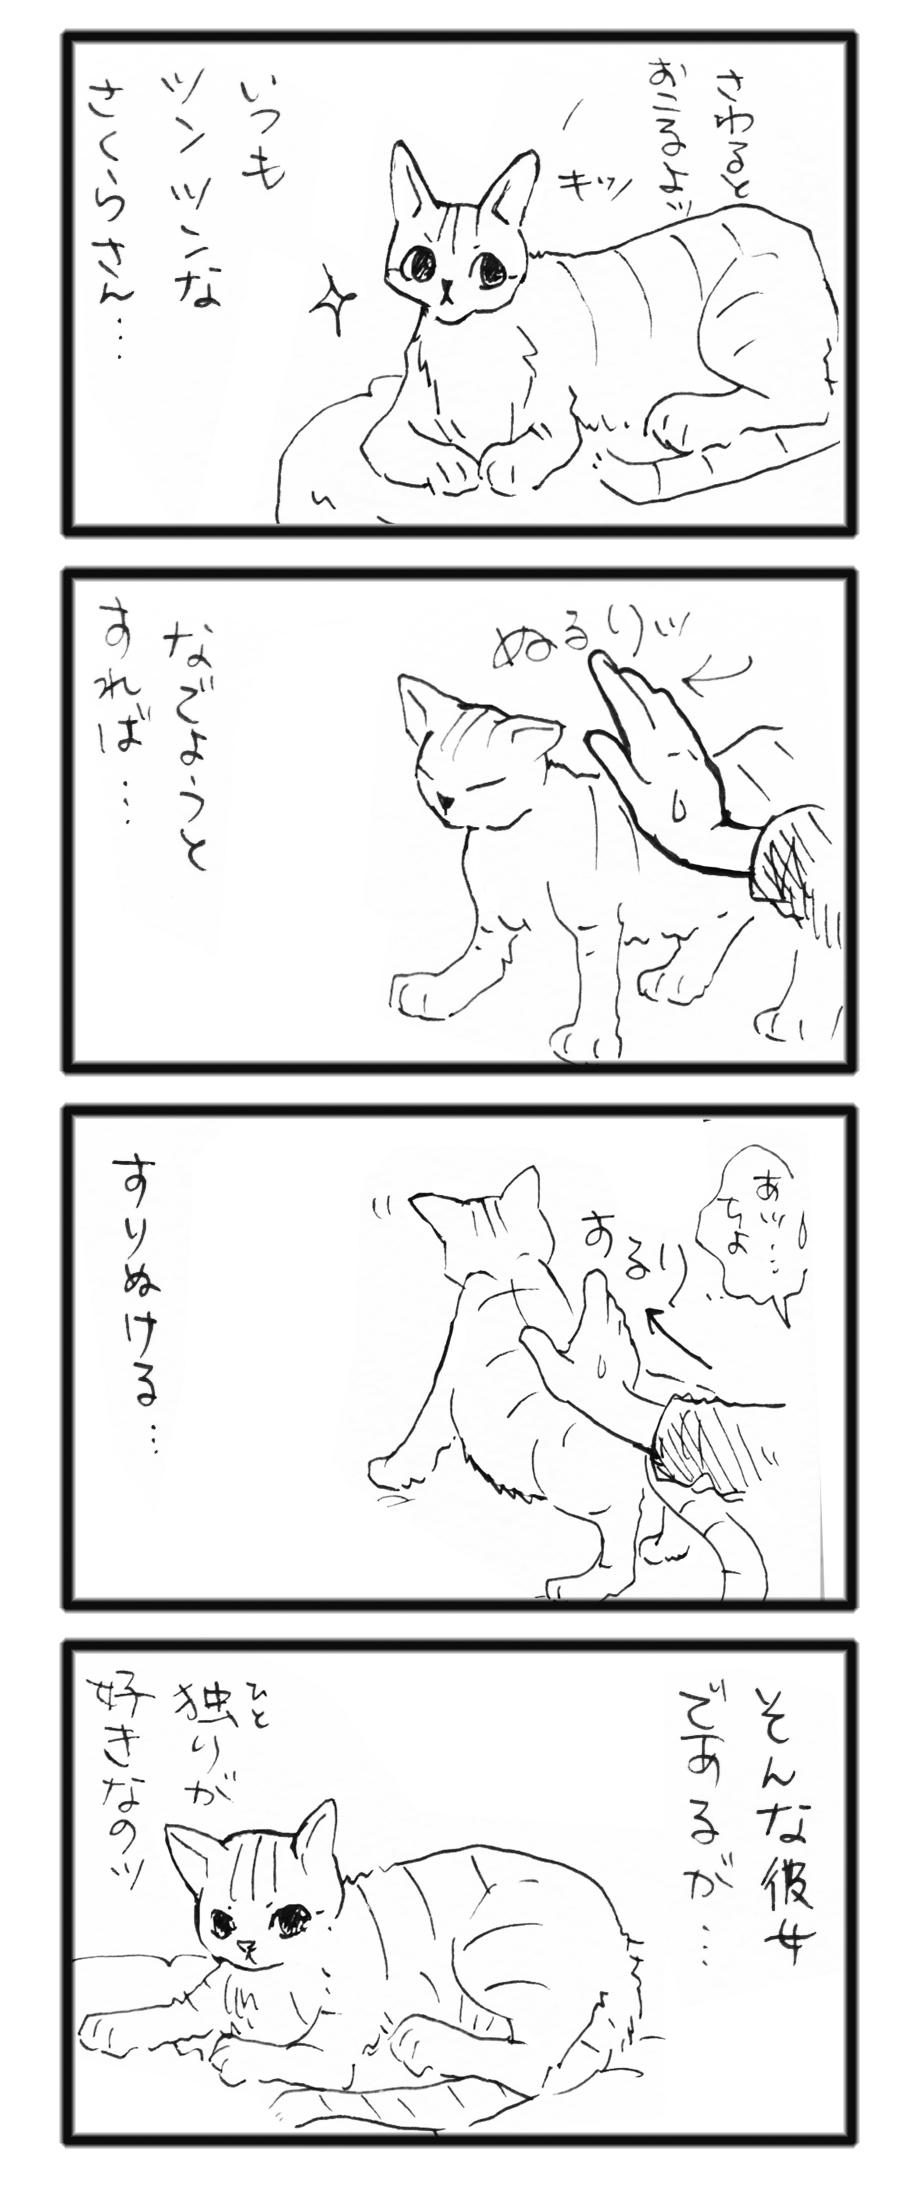 comic_2013102901.jpg